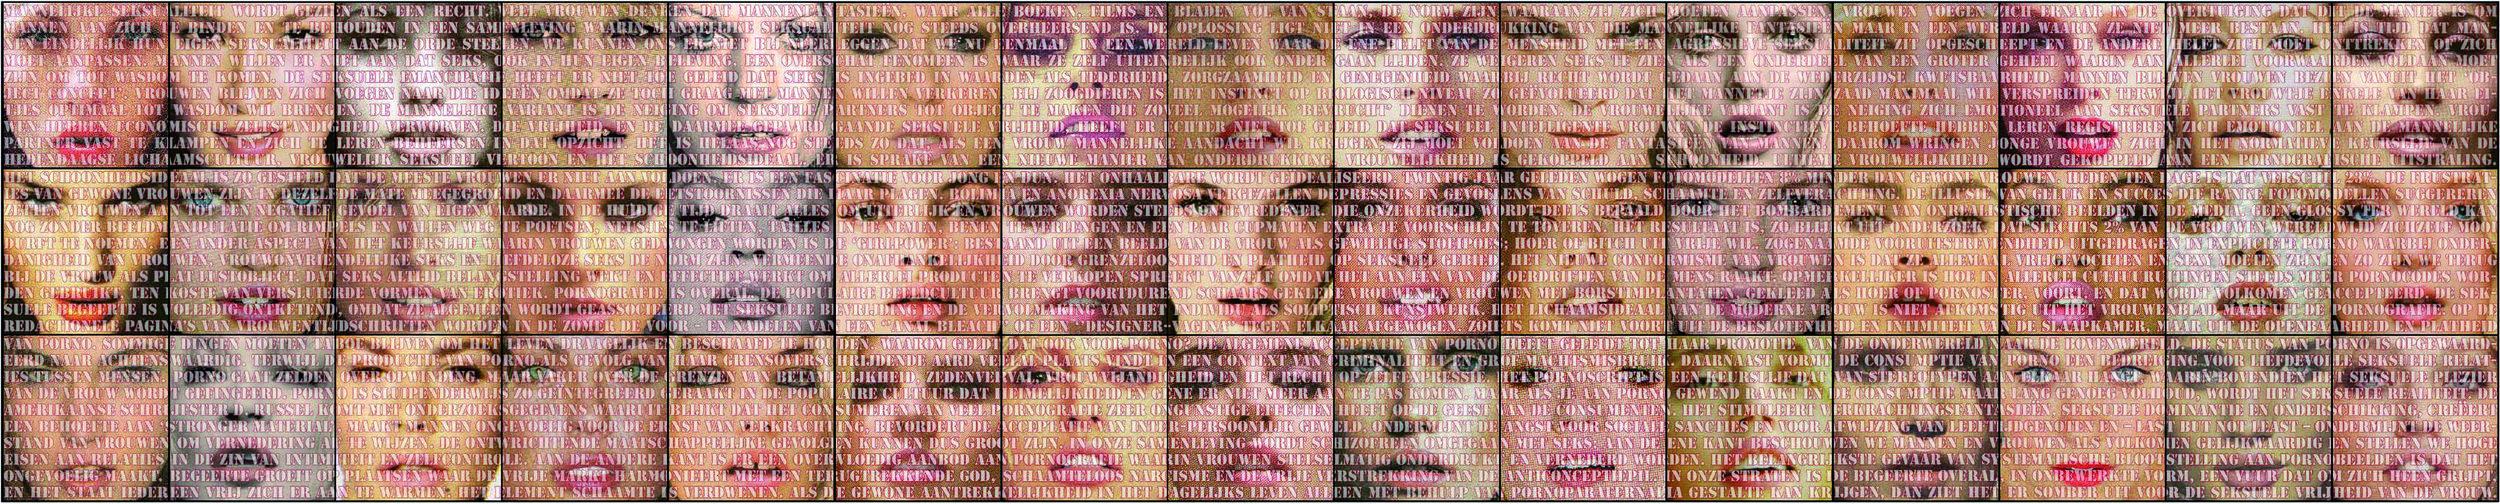 Open Mouths, jacquard doublewoven, 45 panels of 100 x 100 cm, total 300 x 1500 cm